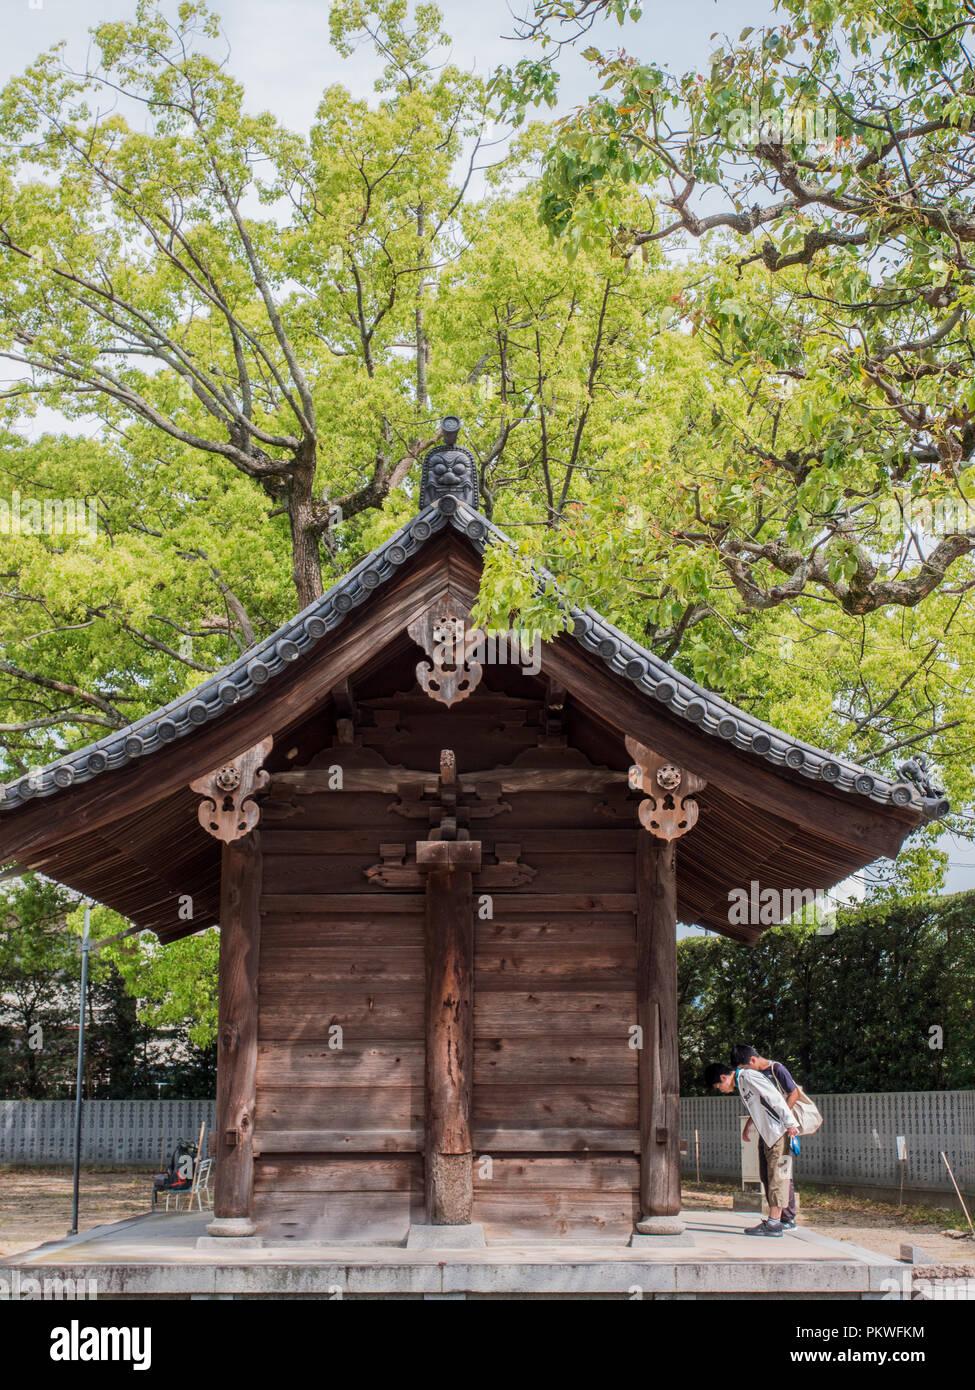 Visitors bowing at temple gate before entering, Motoyamaji, Temple 70 of 88 Temple Shikoku Pilgrimage, Kagawa, Japan - Stock Image